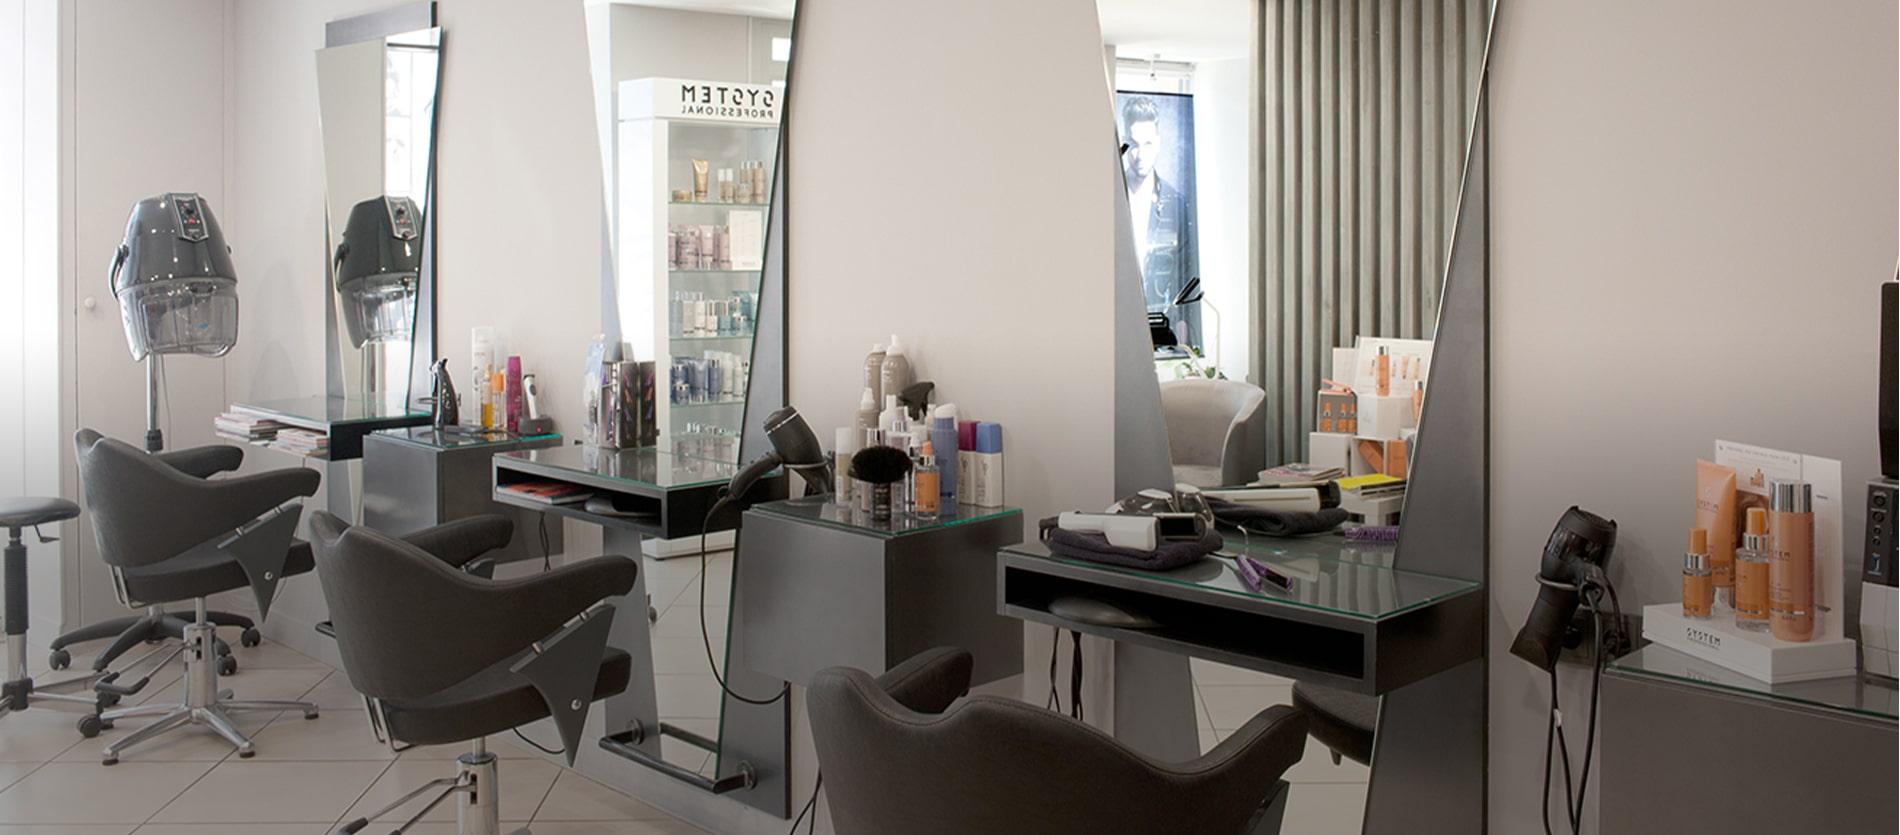 13++ Salon de coiffure villefranche sur saone inspiration